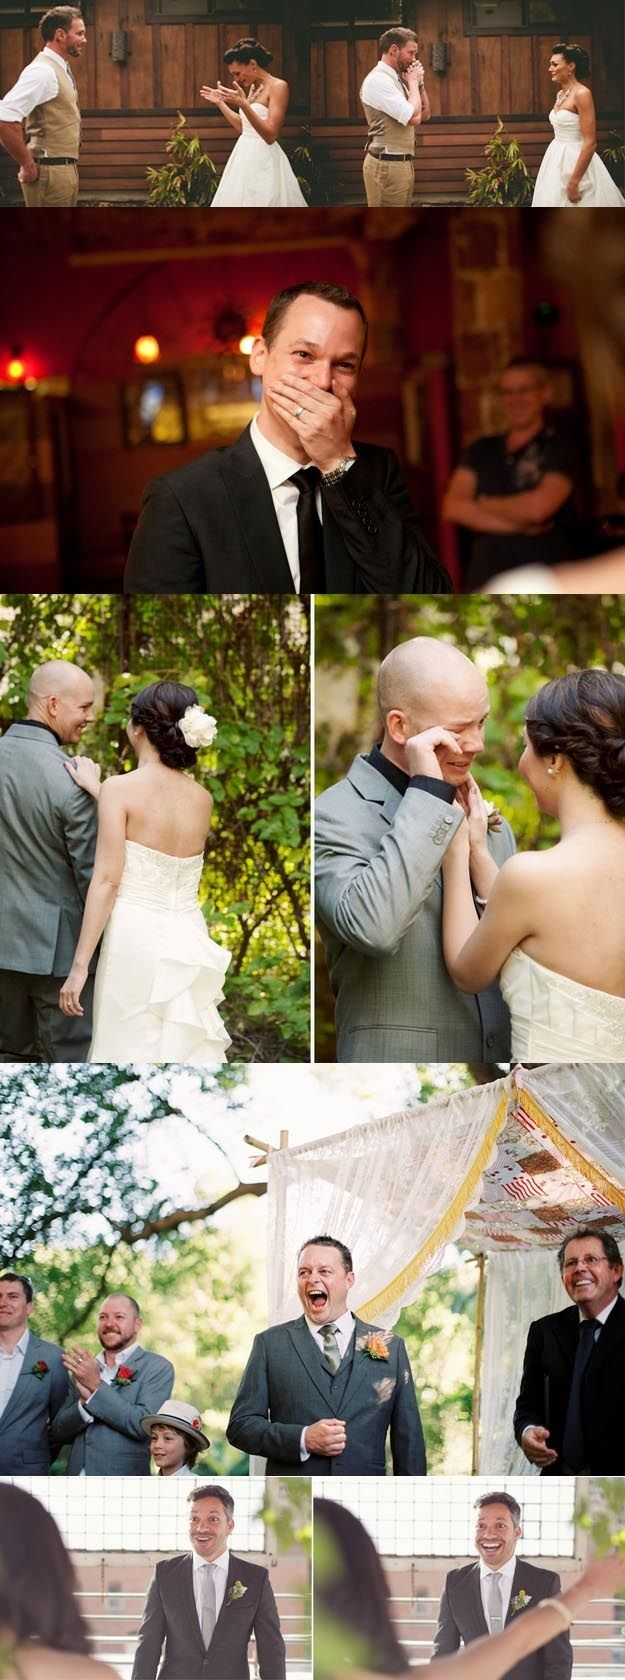 こんなに喜んでもらえたら幸せですね…♡♡ When these grooms saw their brides for the first time <3